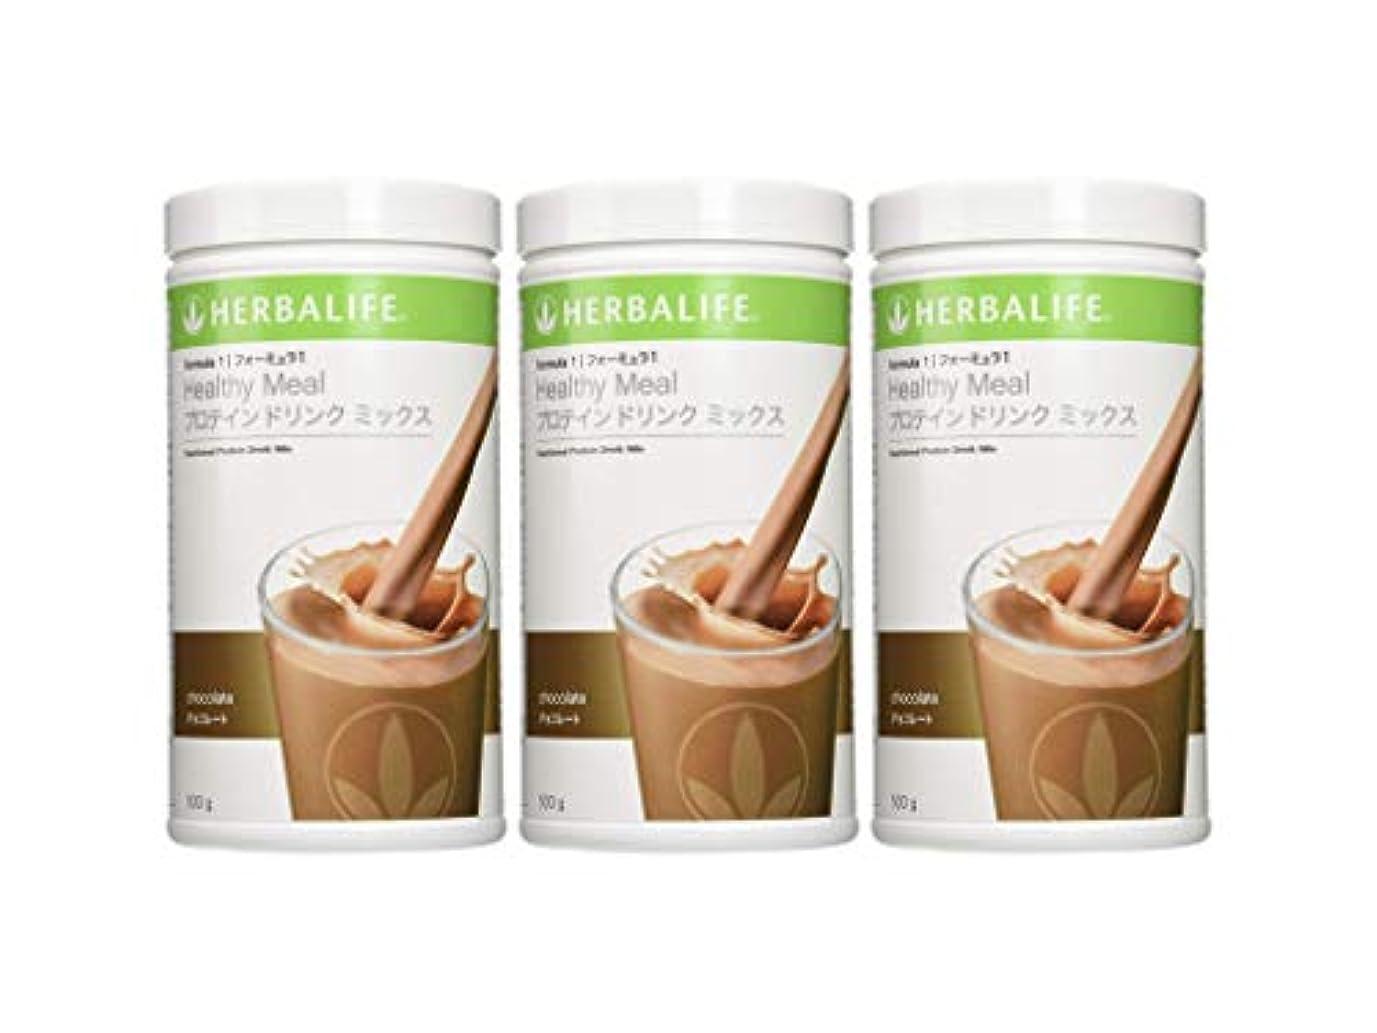 言い訳フォーク〈お得な3本セット〉ハーバライフ フォーミュラ1 プロテインドリンクミックス- チョコレート味